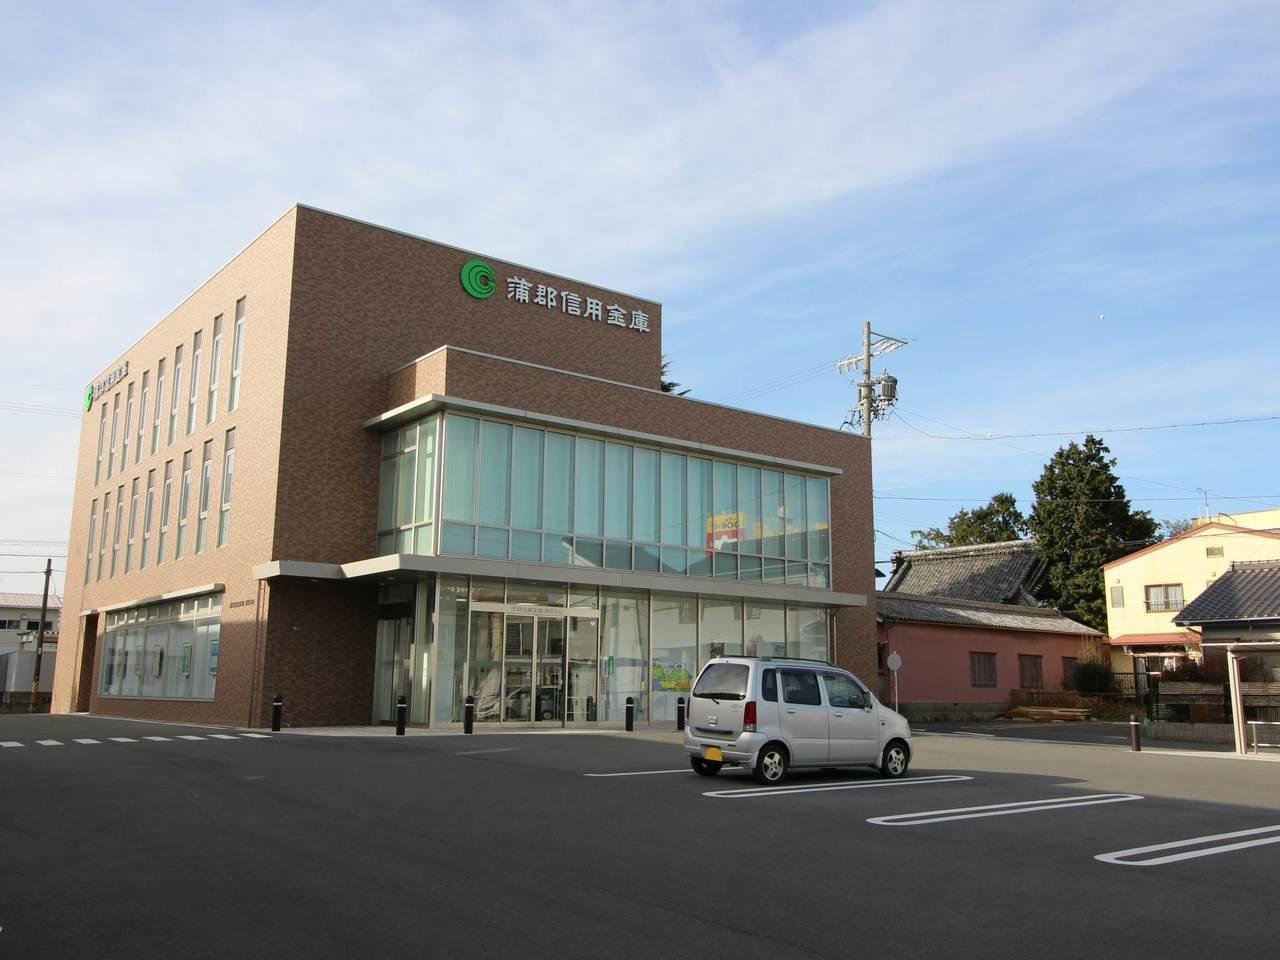 【銀行】蒲郡信用金庫南栄支店まで徒歩8分(625m)